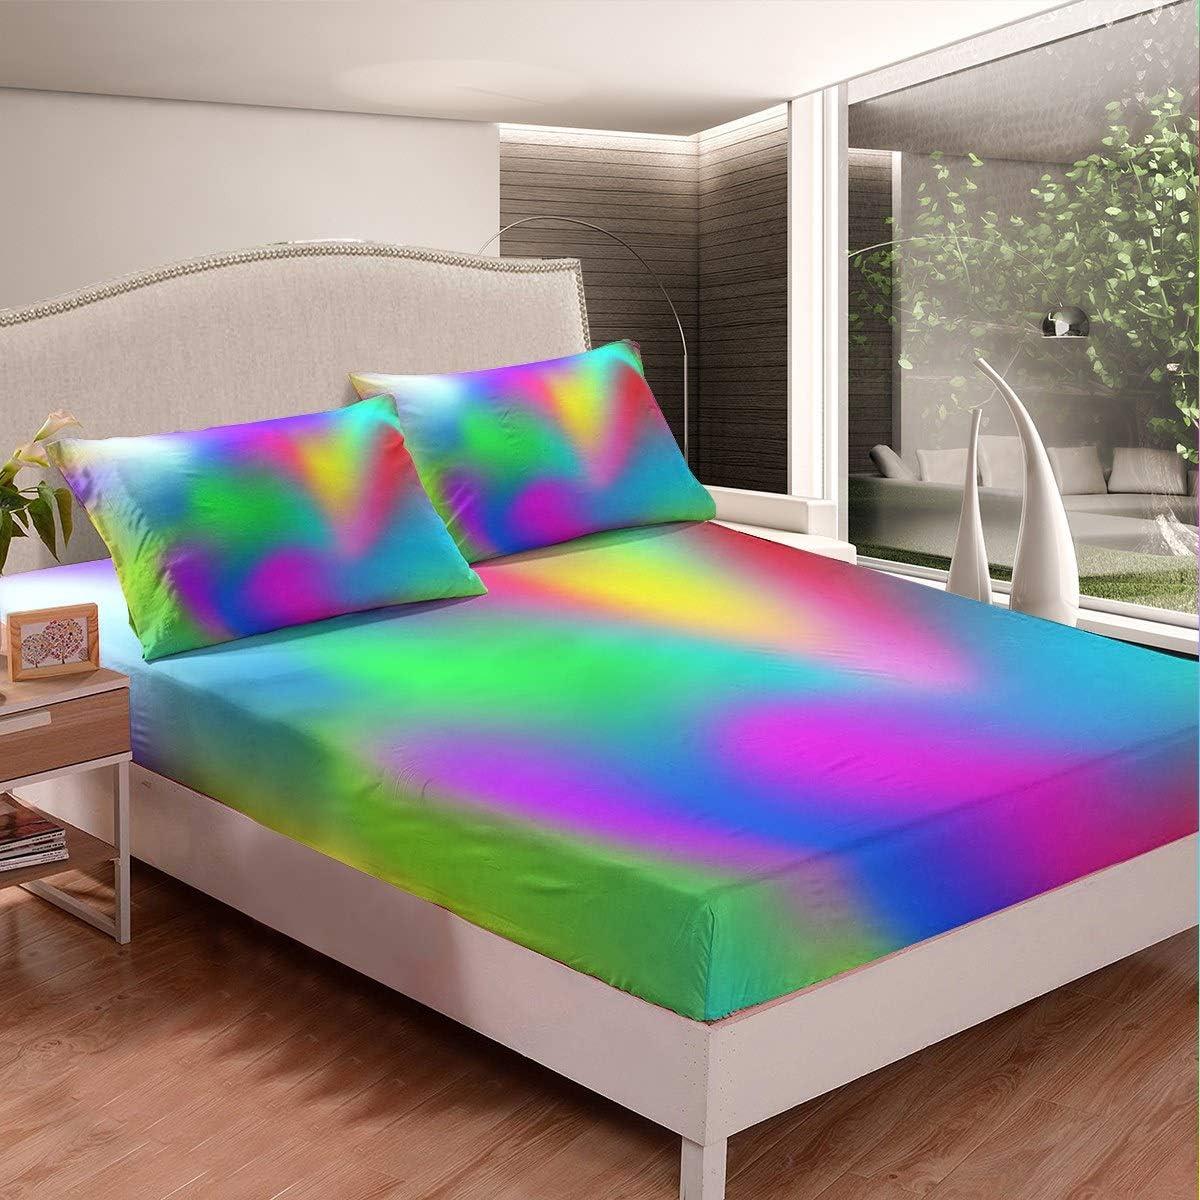 5☆大好評 Boho Psychedelic Bedding Set for 新作送料無料 Tie-Dye Colorful F Adults Girls